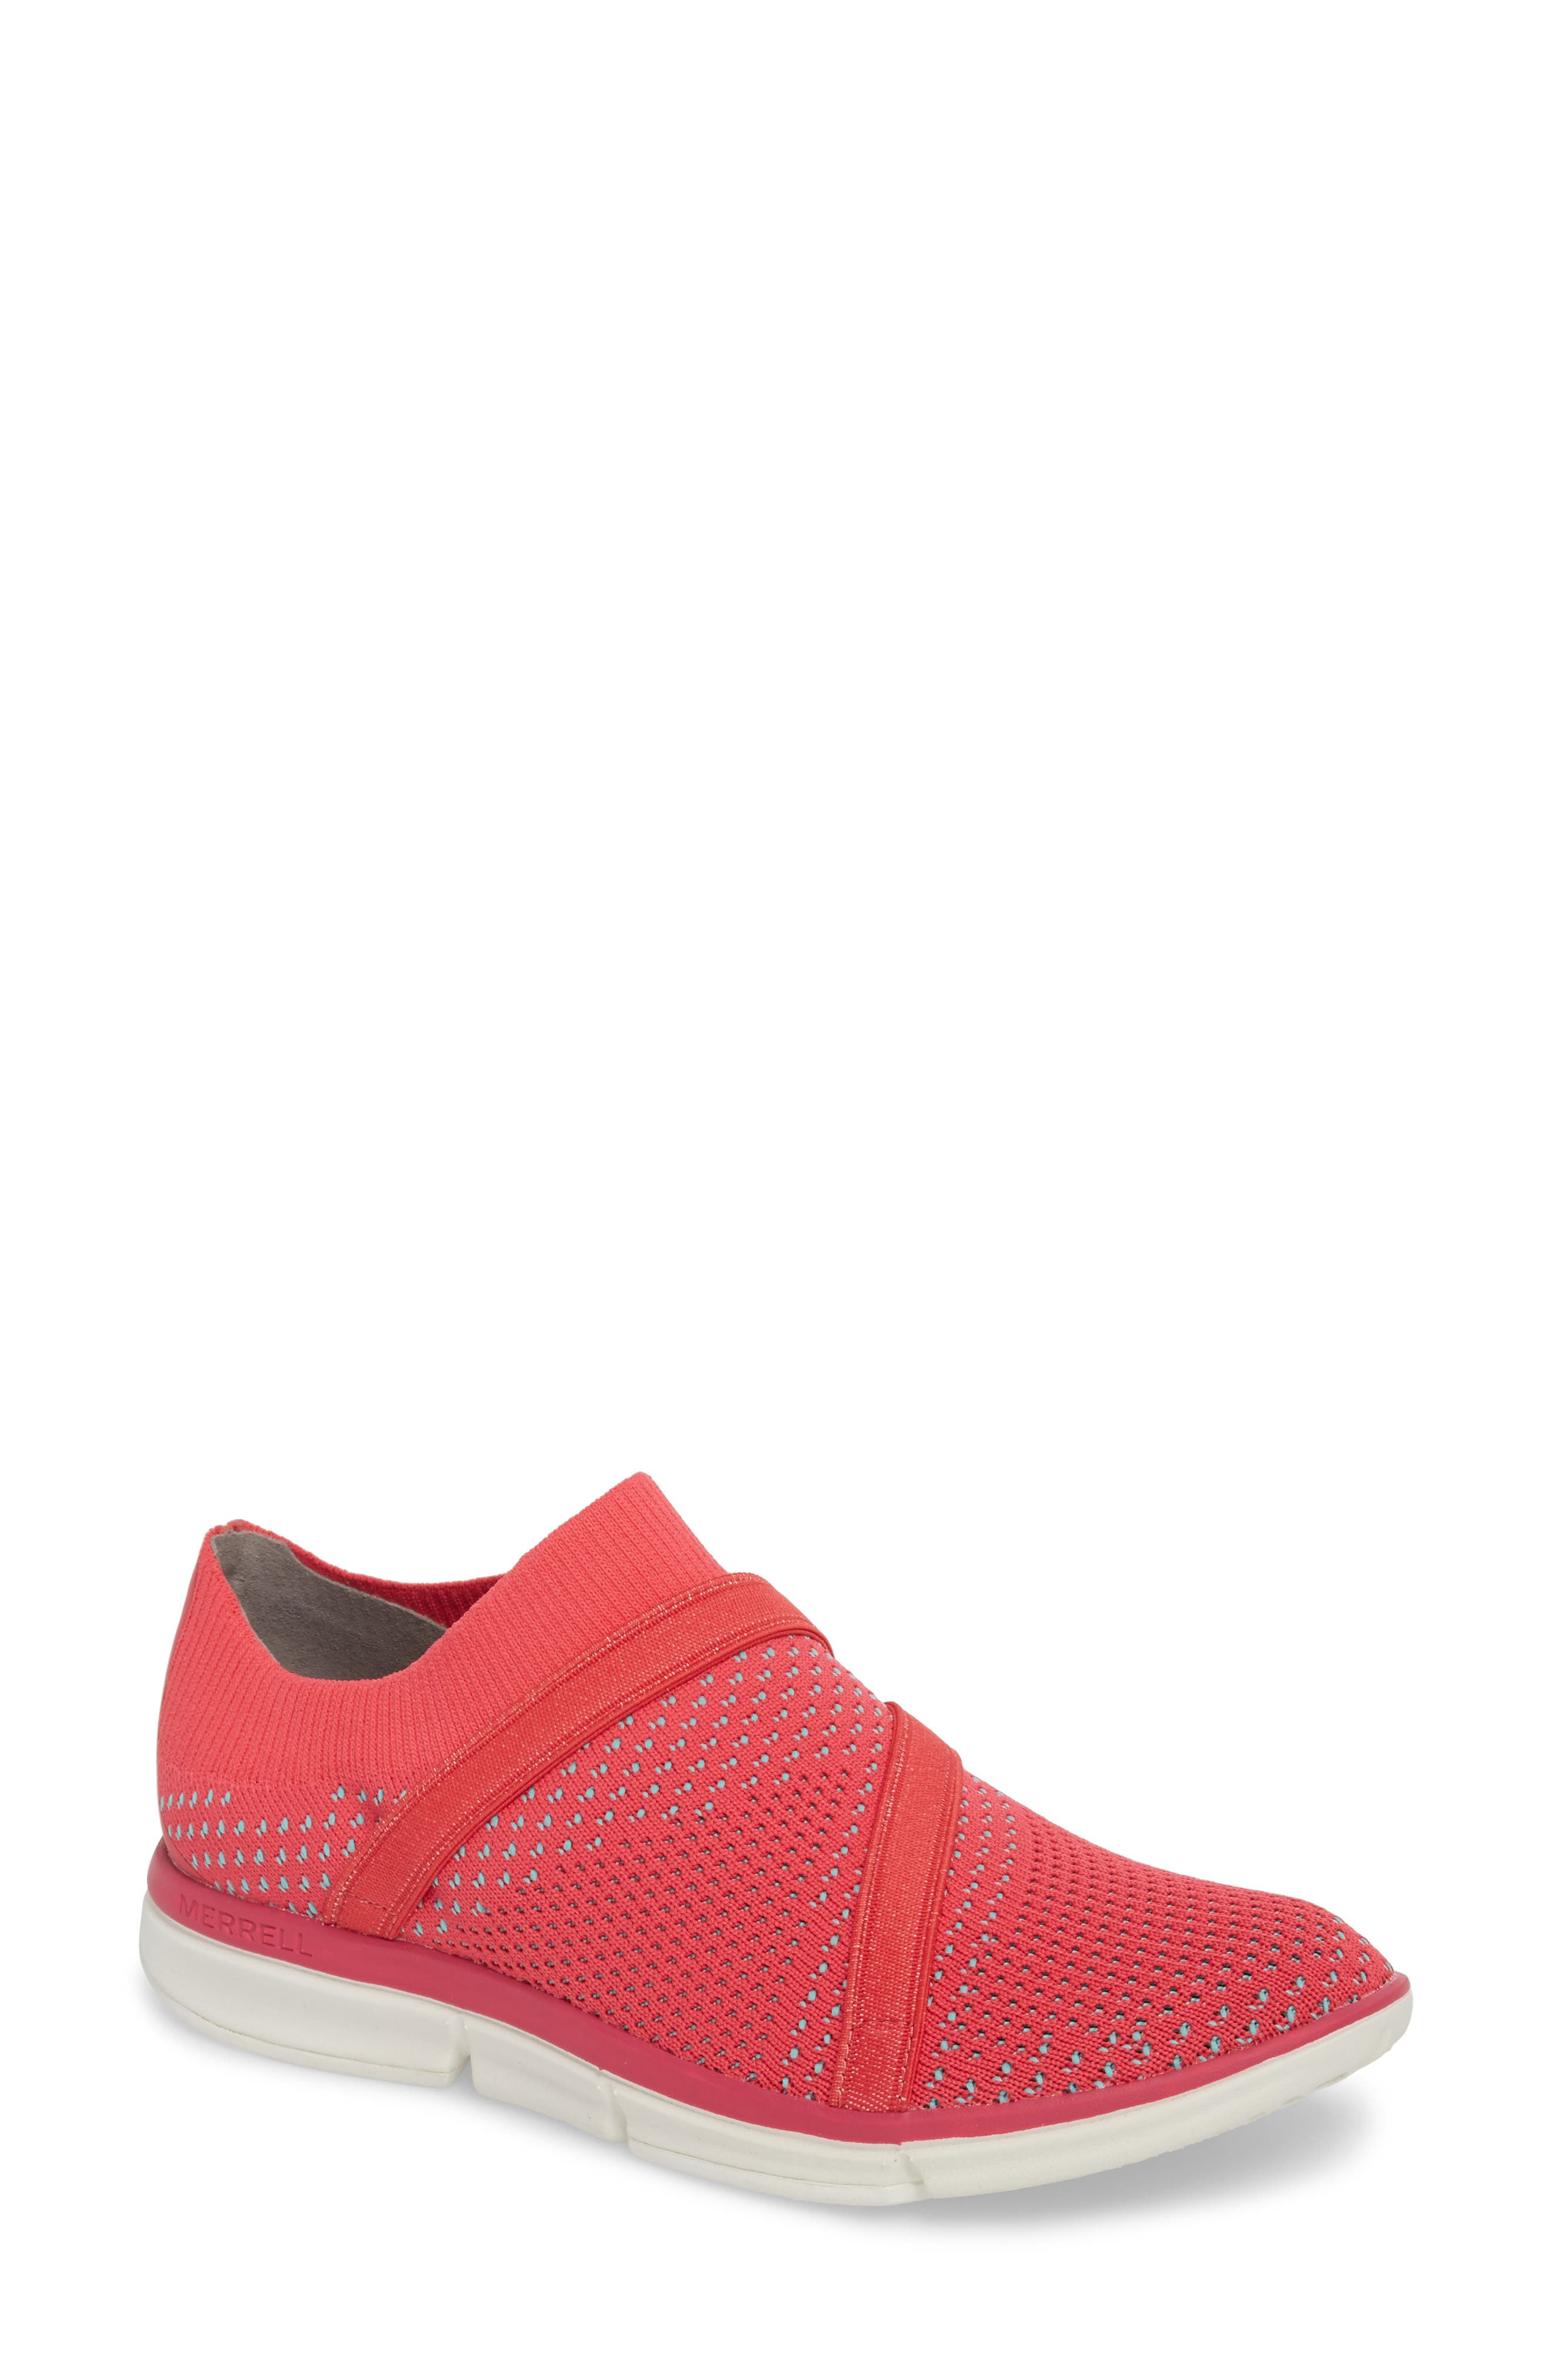 Merrell Zoe Sojourn Knit Sneaker (Women)